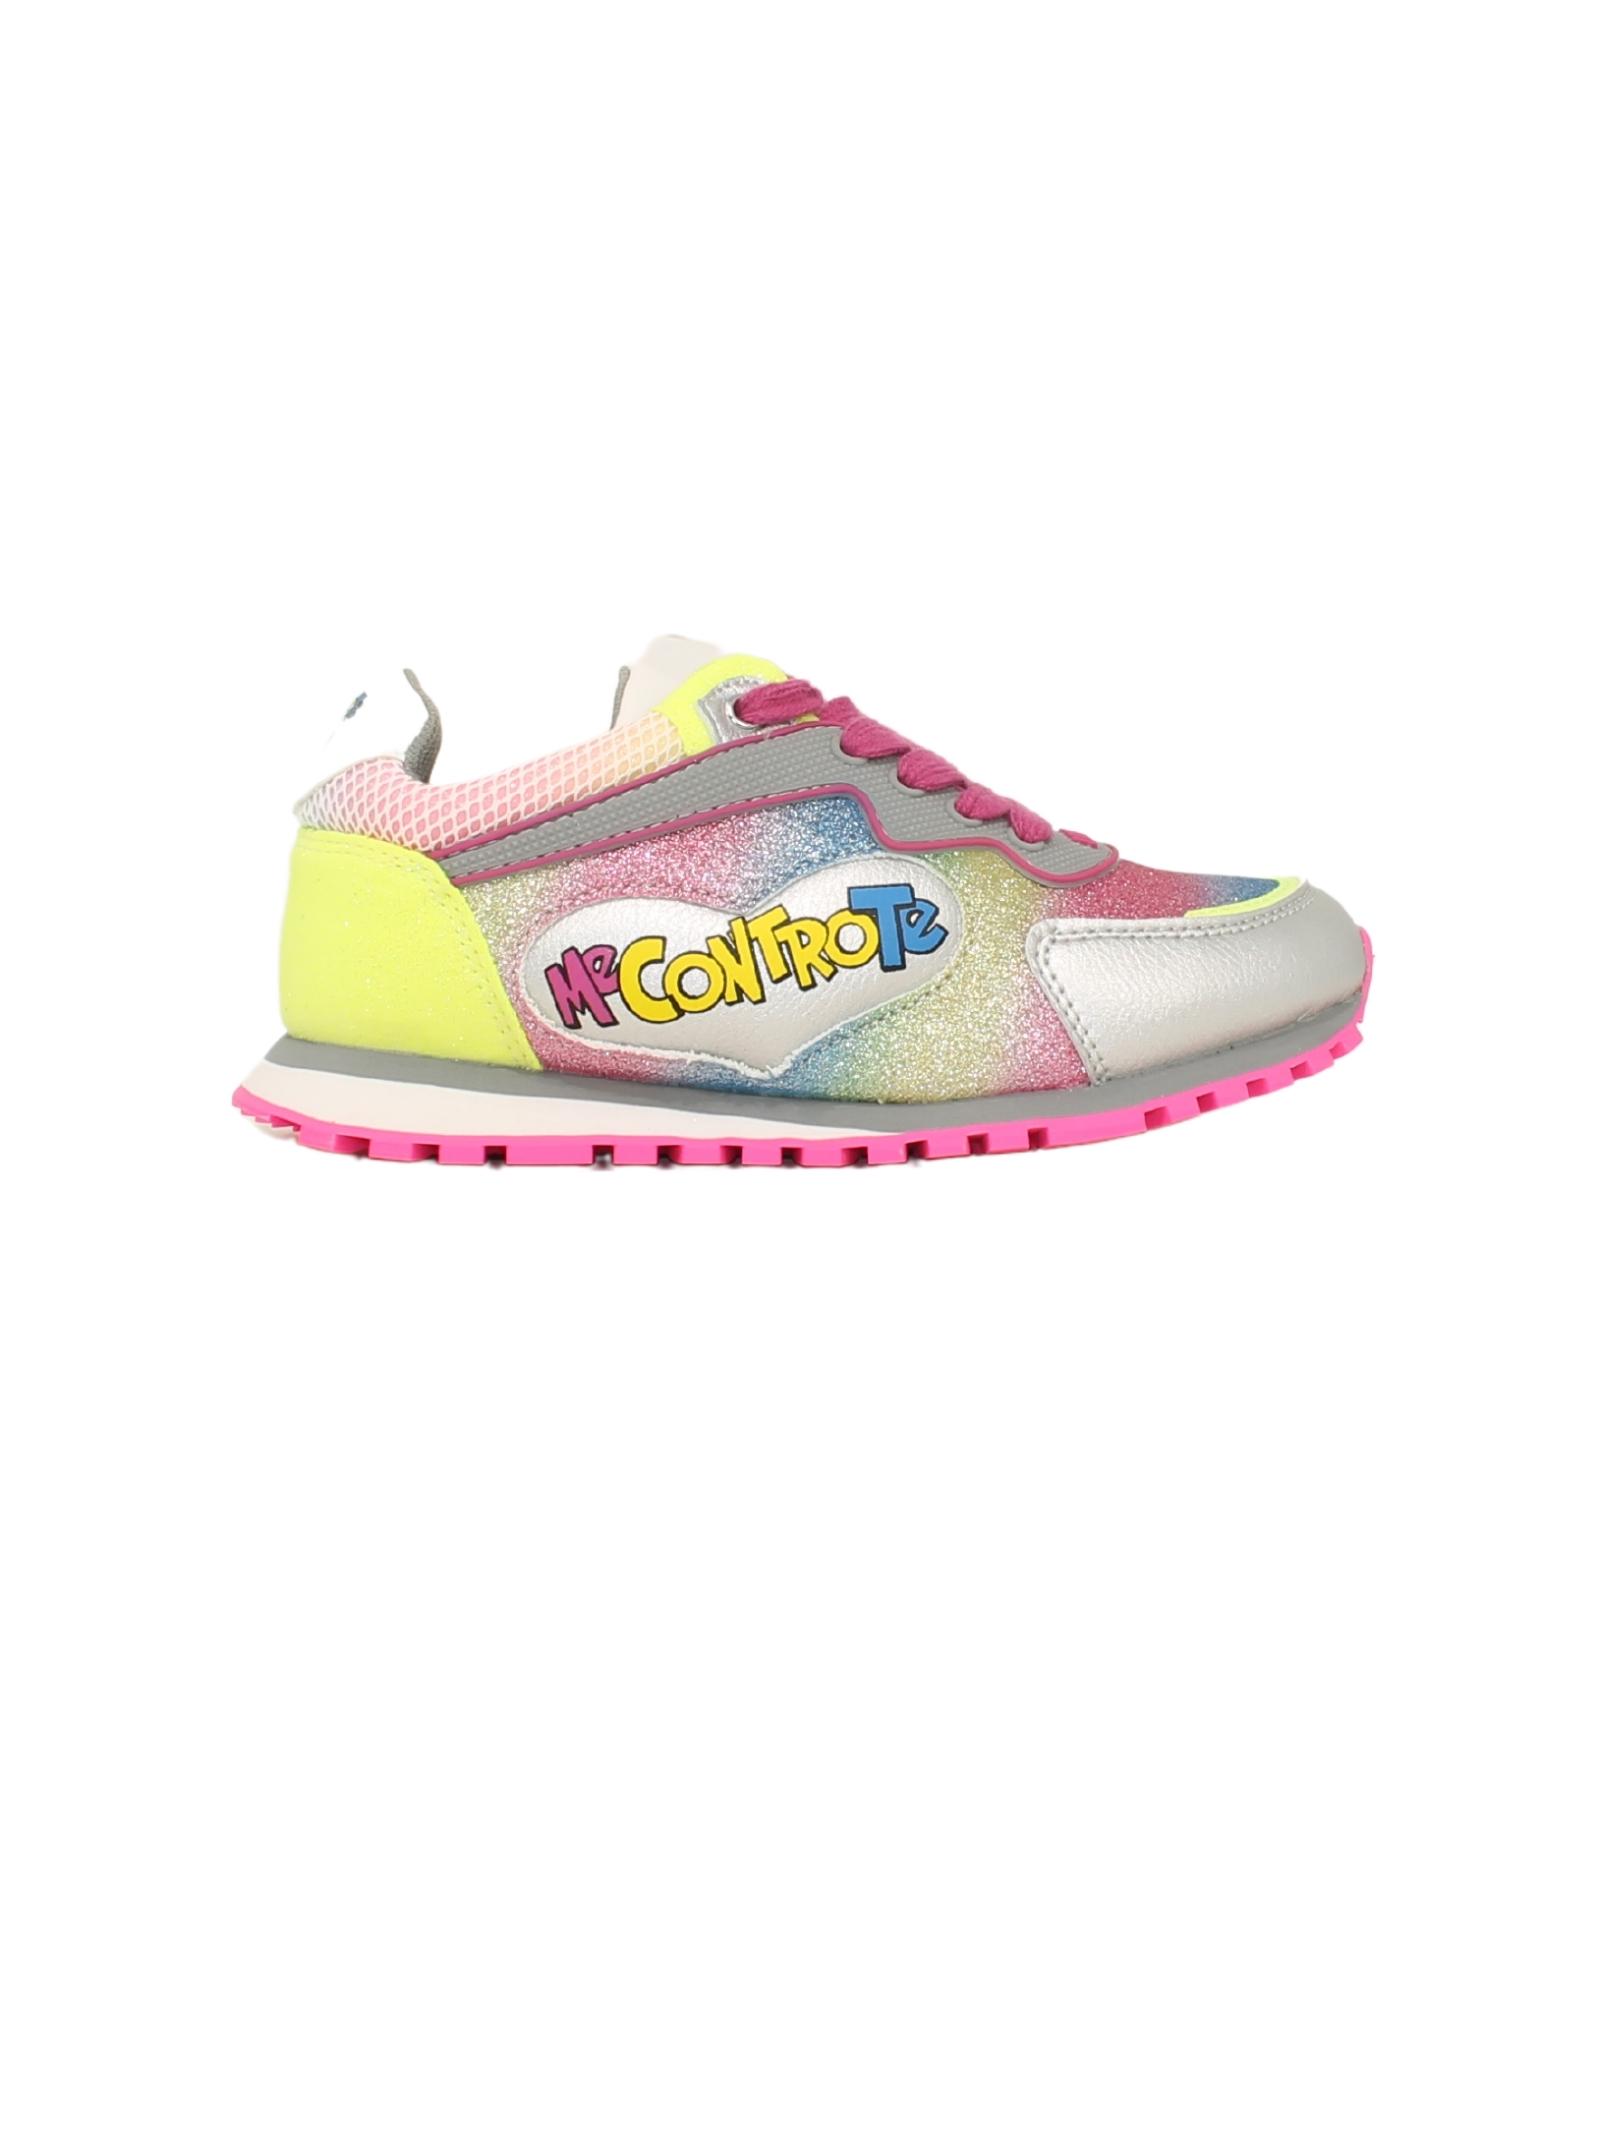 Sneakers e Marsupio Glitter Bambina LIU-JO MECONTROTE | Sneakers | 4F1001TX00700373GRIGIO